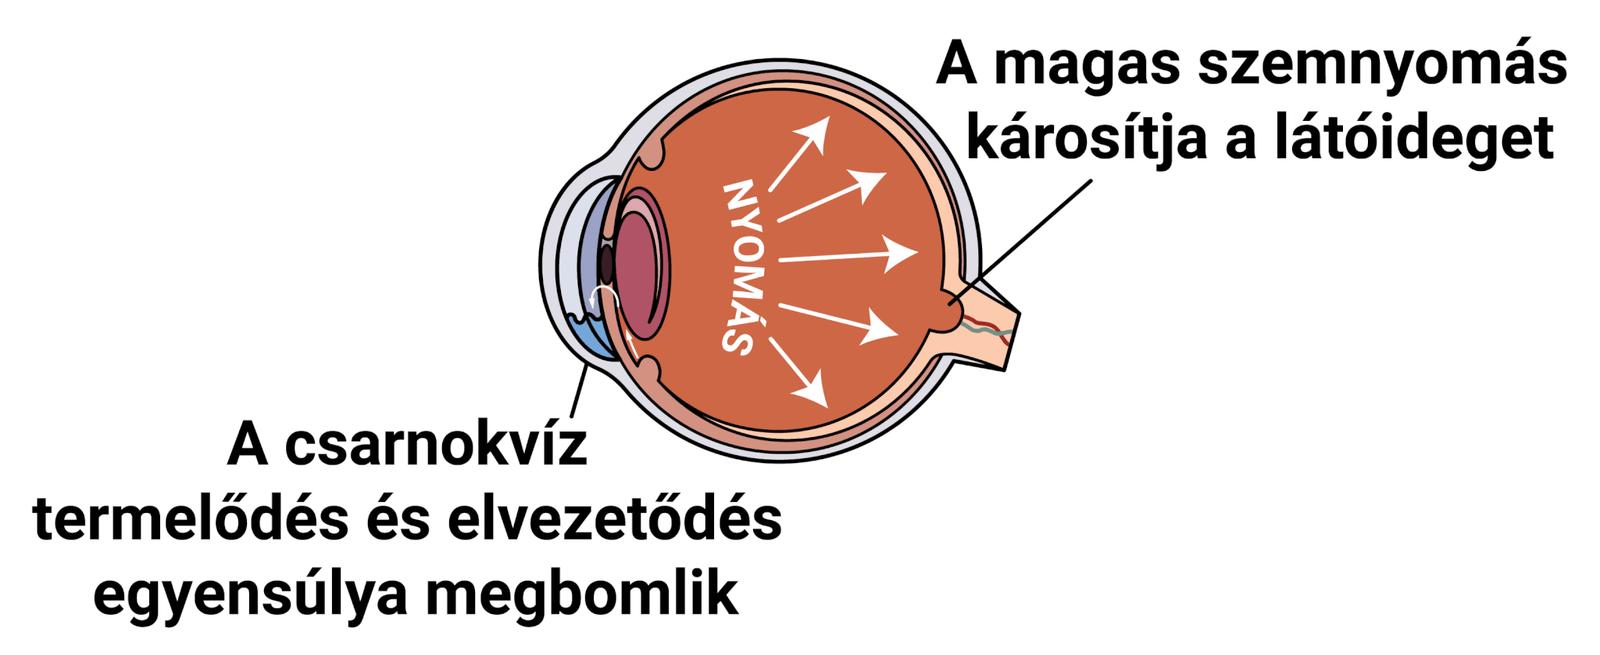 Glaukóma – Az alattomos szembetegség   Rózsakert Medical Center